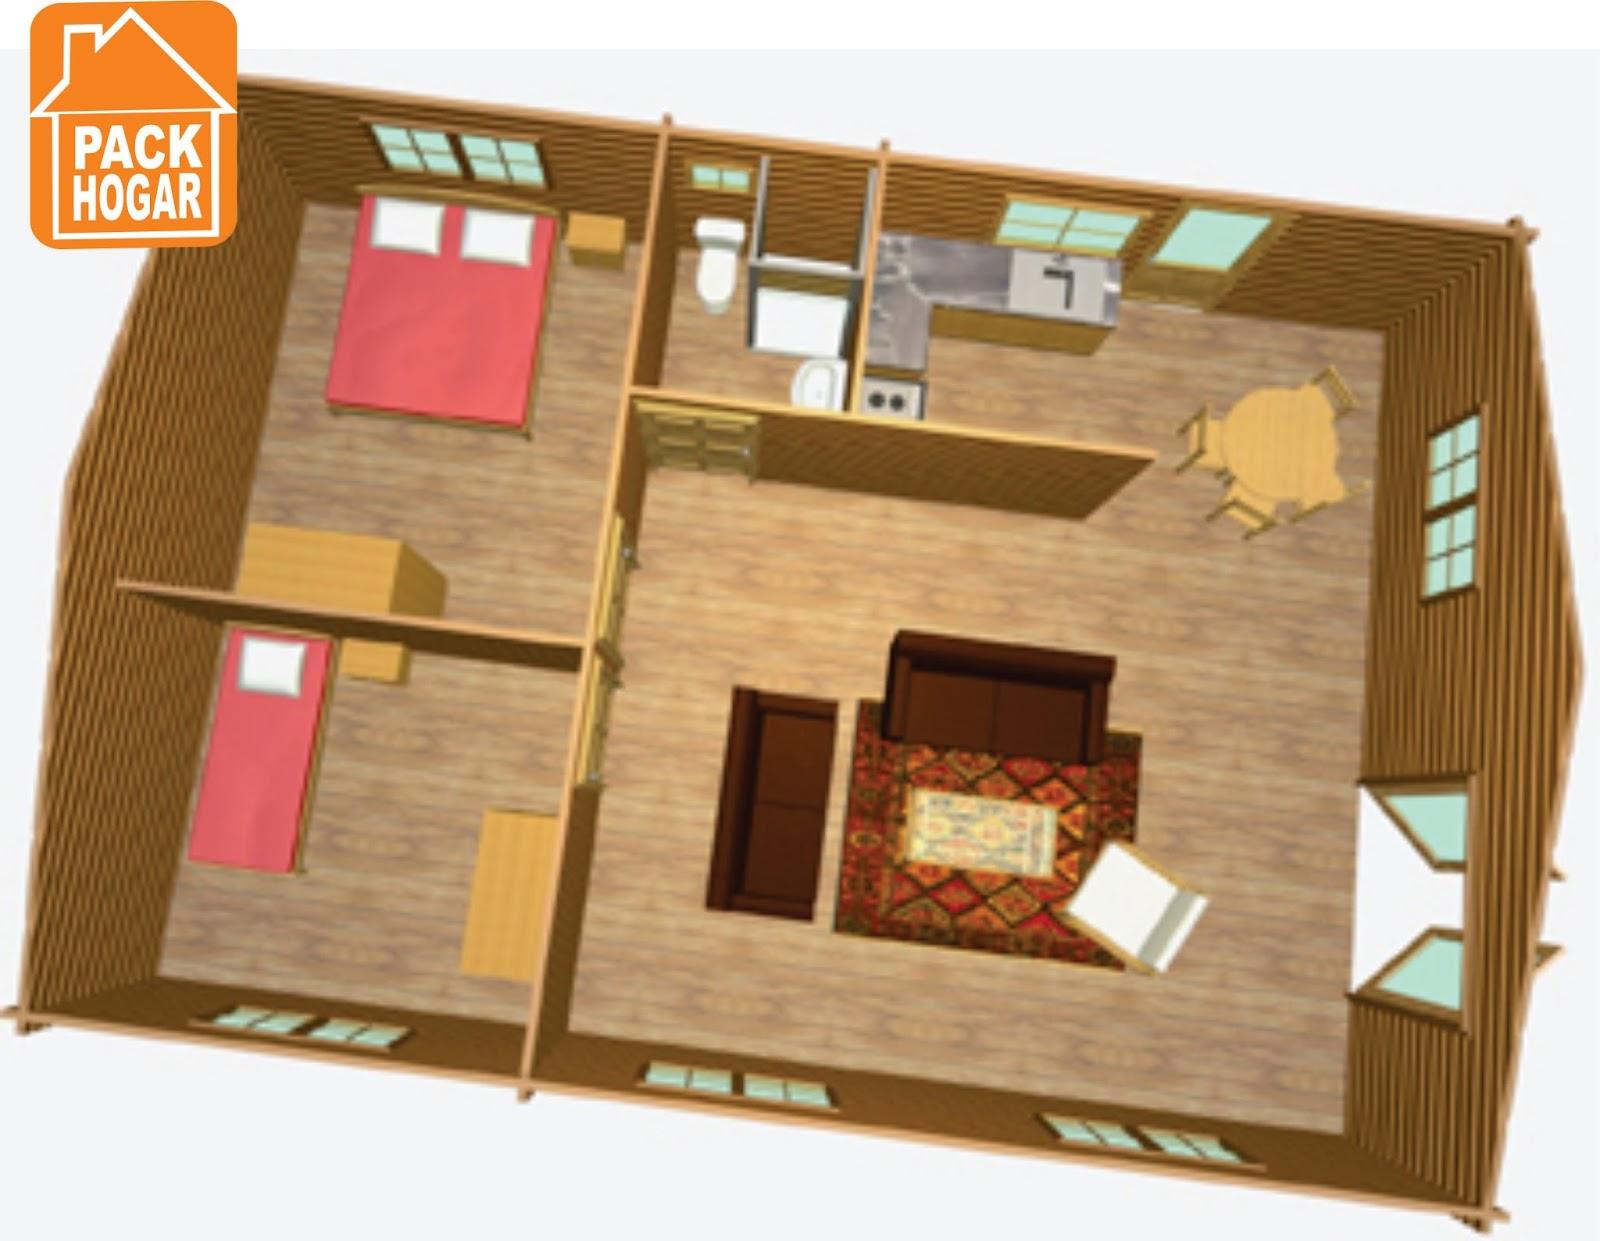 Casas prefabricadas de madera 68m2 packhogar - Cocheras de madera prefabricadas ...